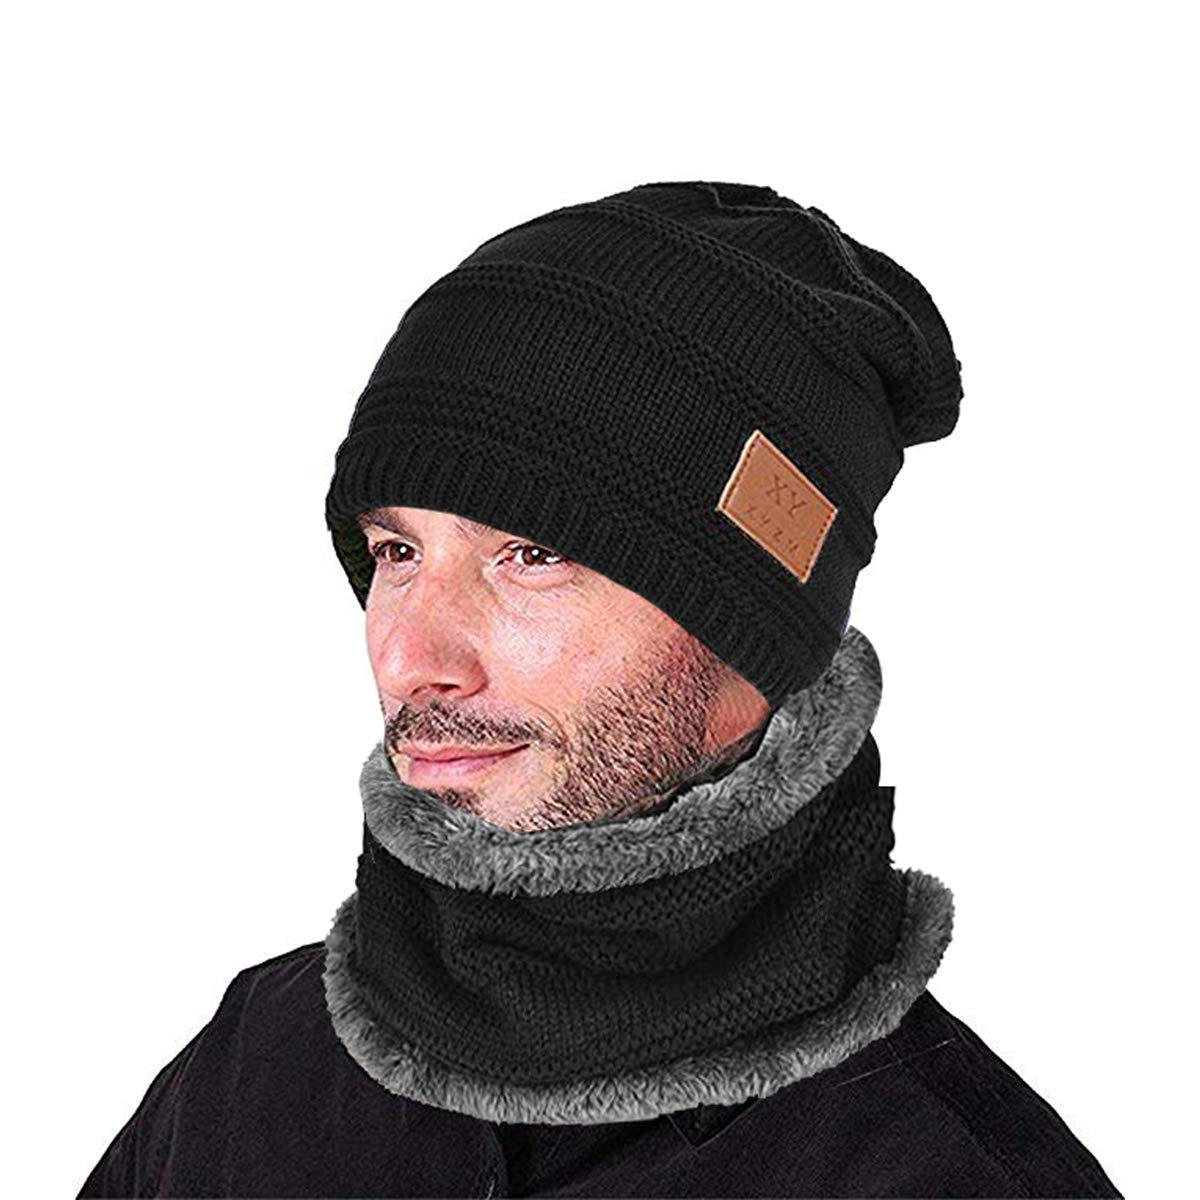 Kata-Berretto-Uomo-Invernali-Cappello-Beanie-in-Maglia-Sciarpe-da-Sci-con- Sciarpa-Cappello-Passamontagna-Nero-2 - Help Solution 627dcf216e6f